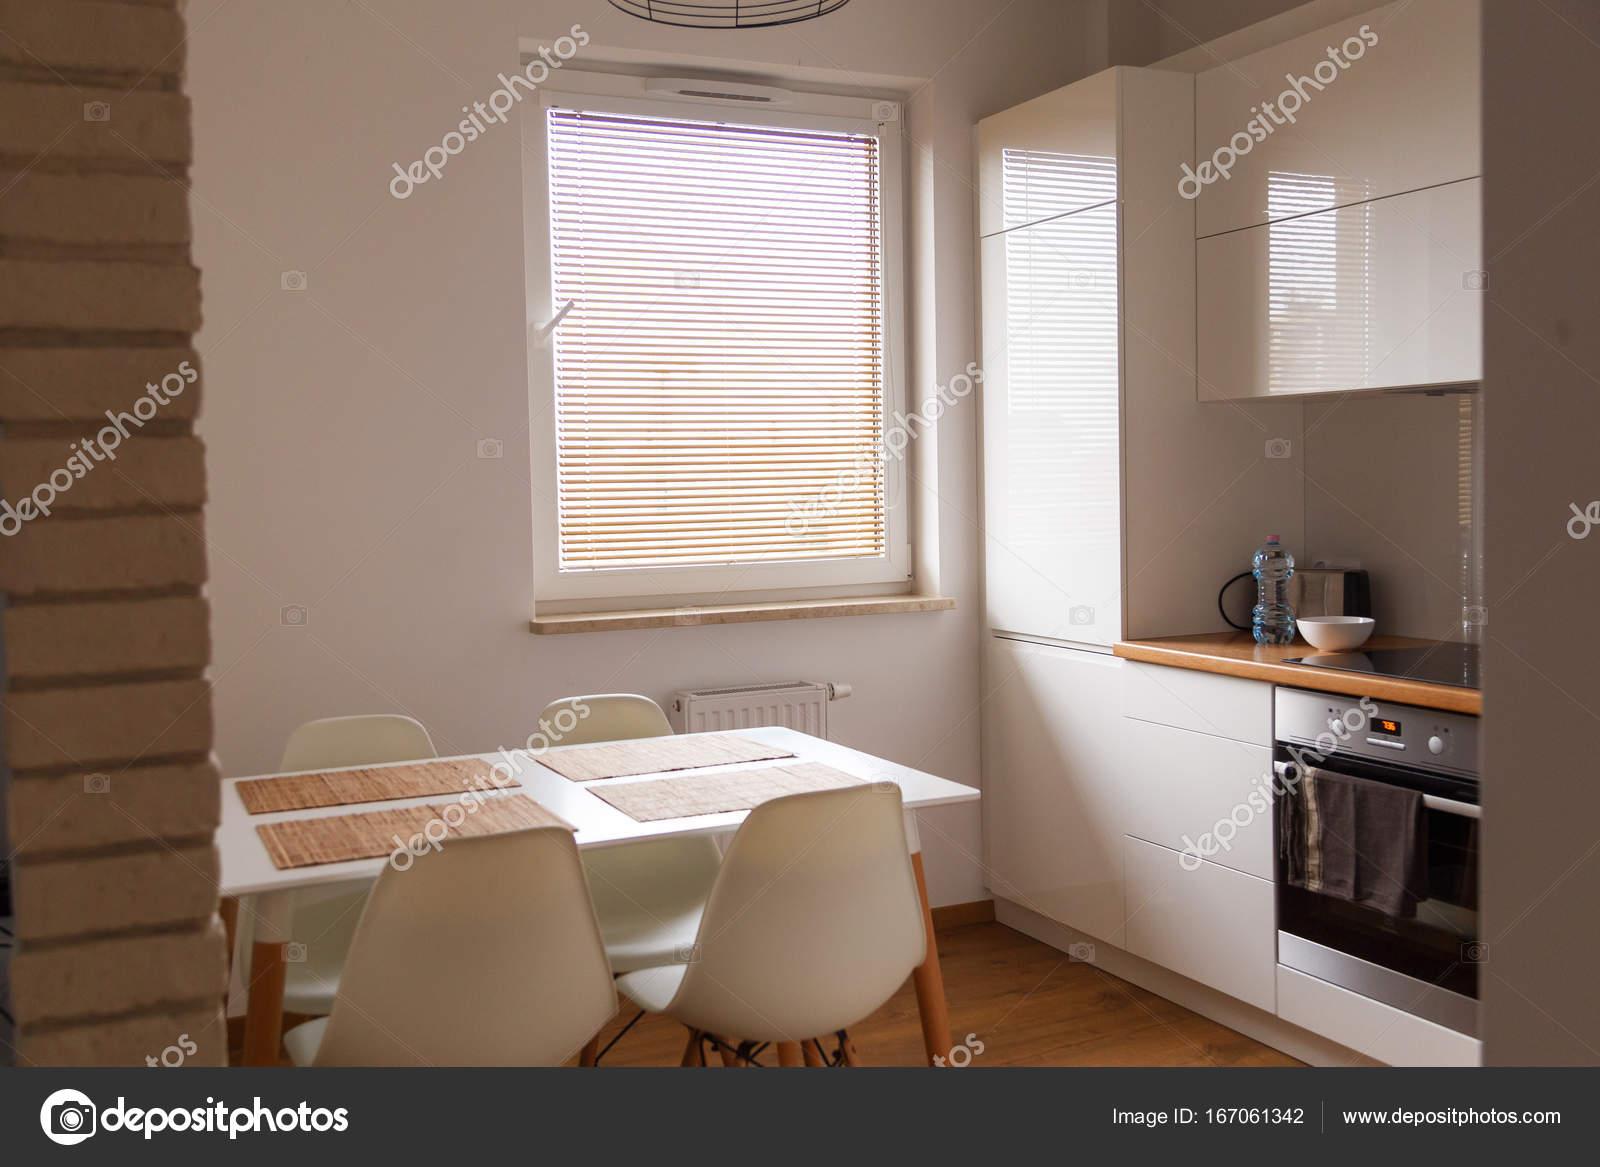 Mała Biała Kuchnia Ze Stołem I Krzesłami Nowy Projekt